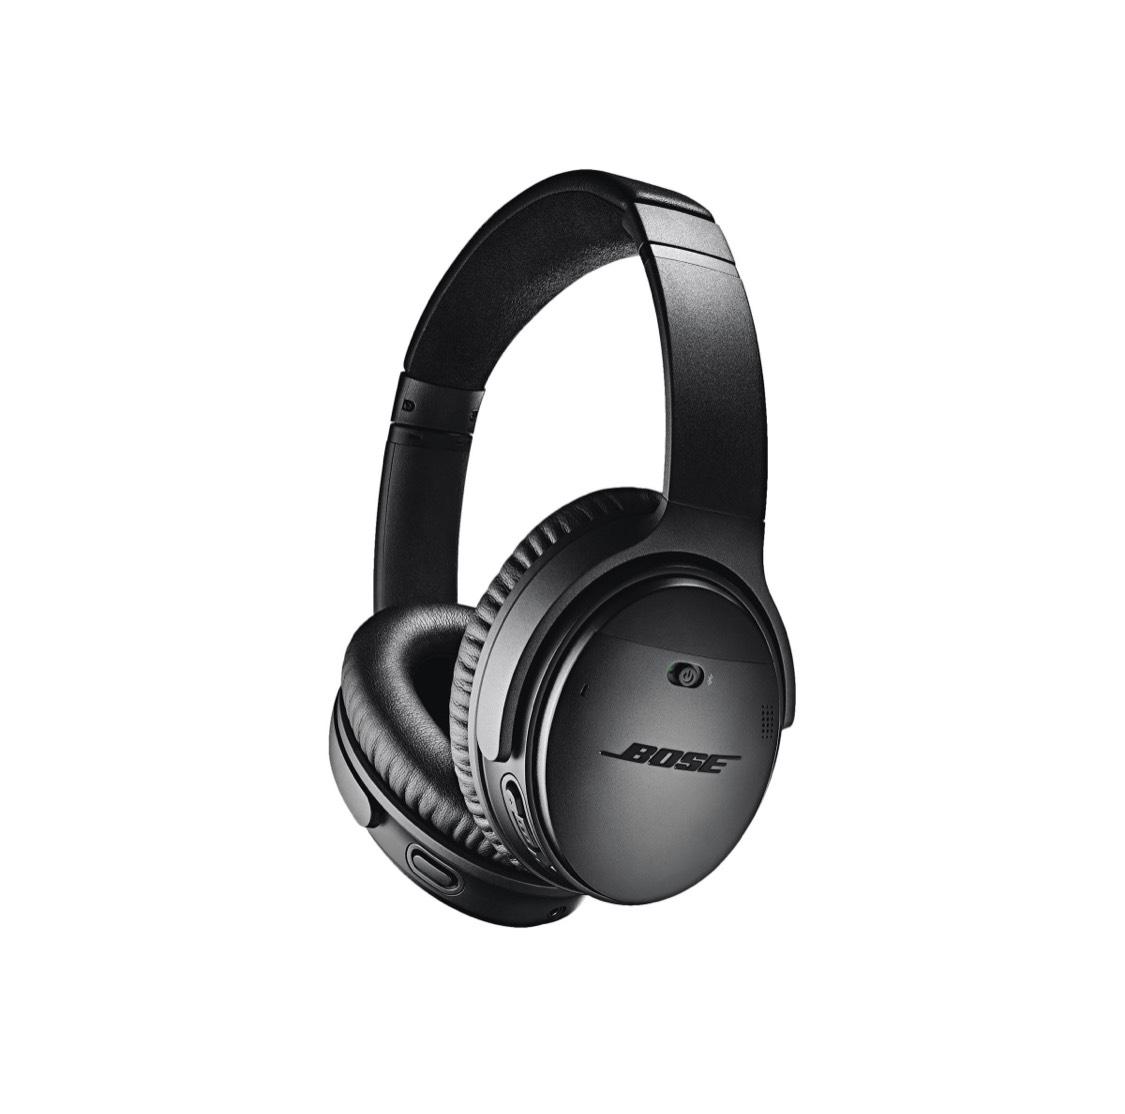 Kopfhörer Bose Quiet Comfort 35 II